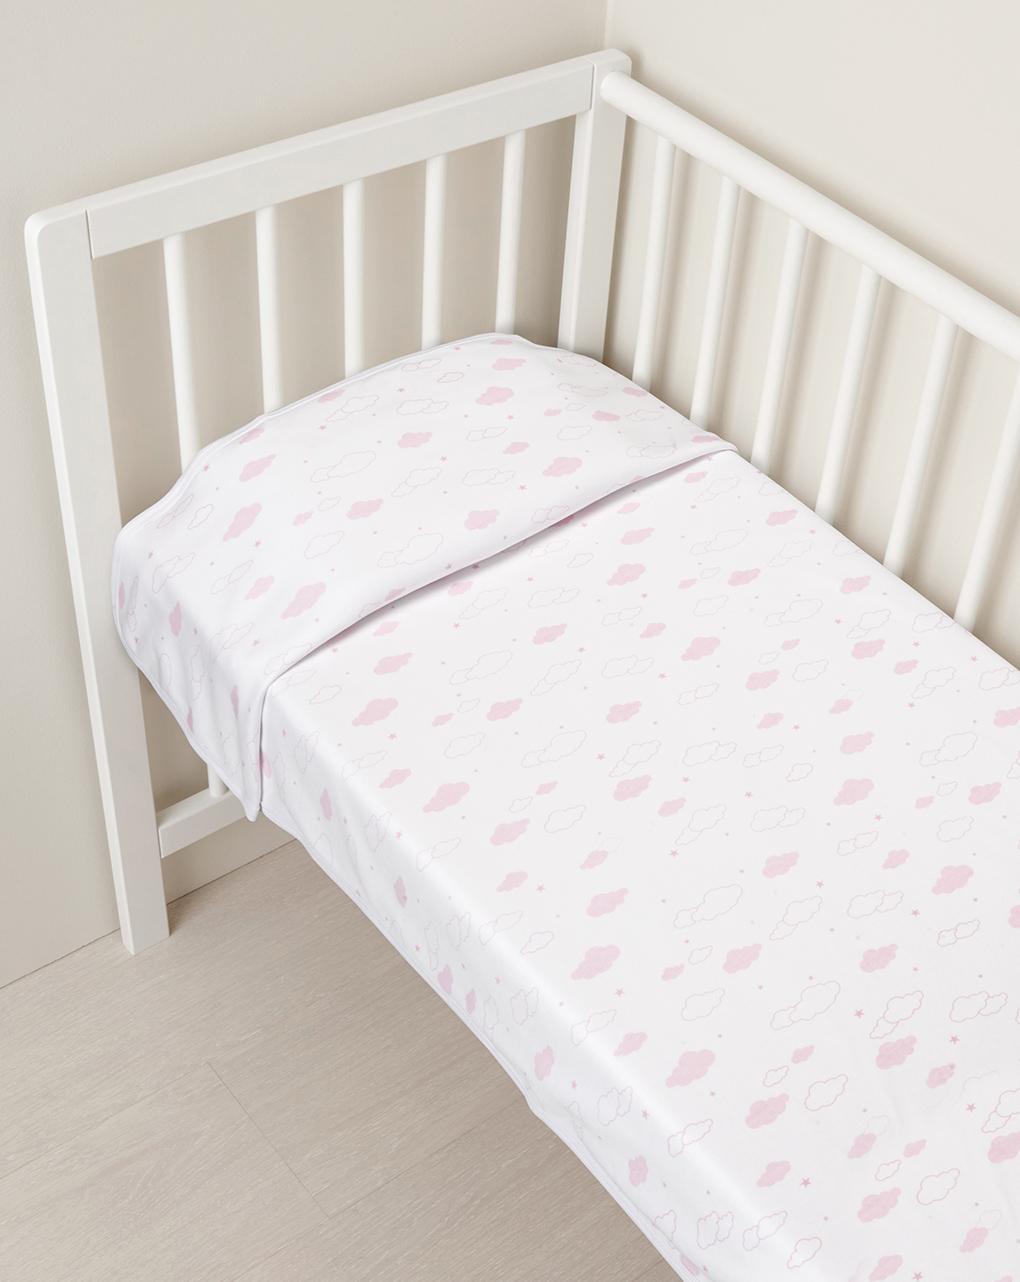 Cobertura de bloqueio com nuvens de bebê - Prénatal